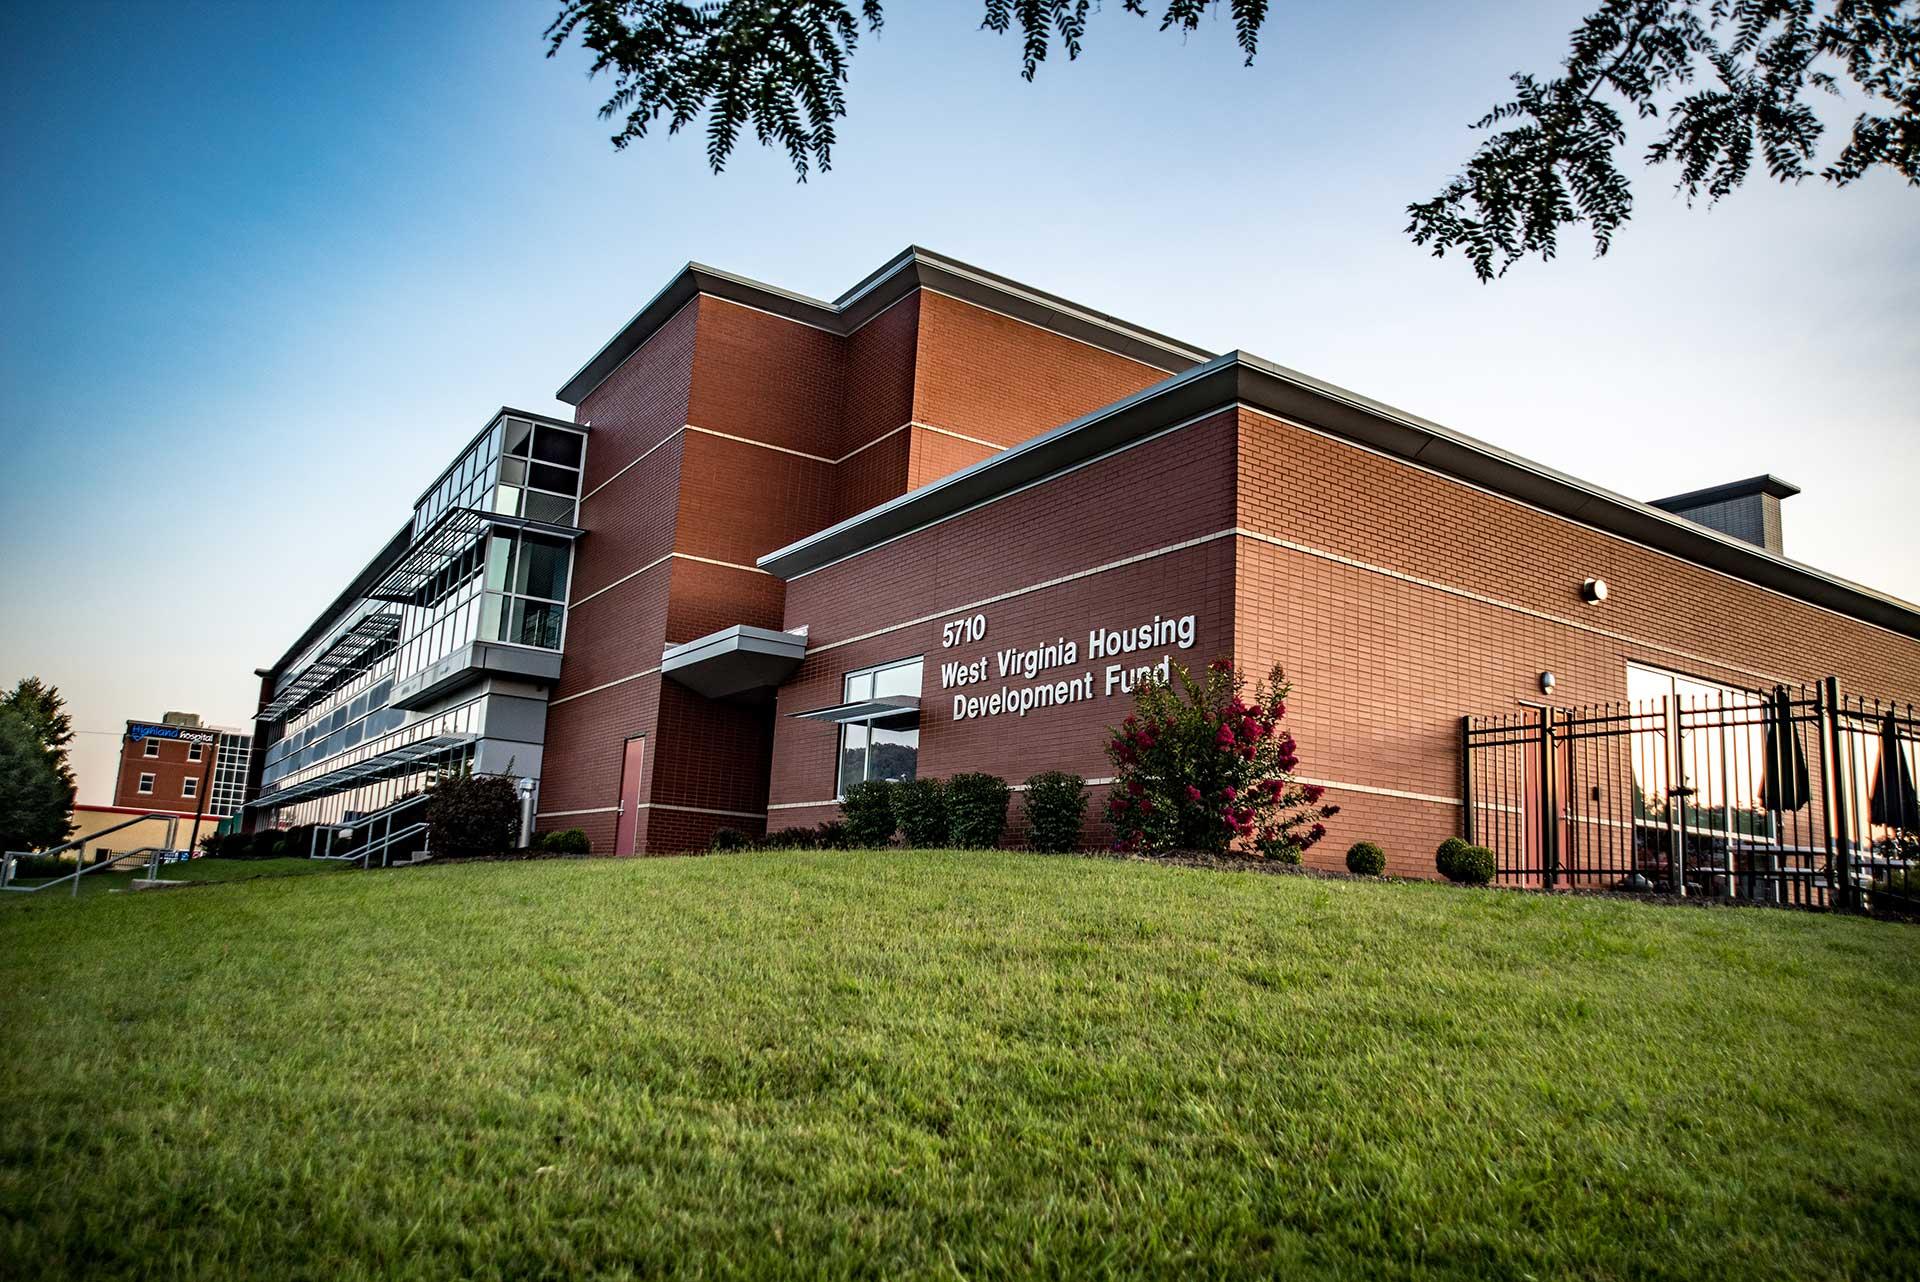 West Virginia Housing Development Fund Kalkreuth